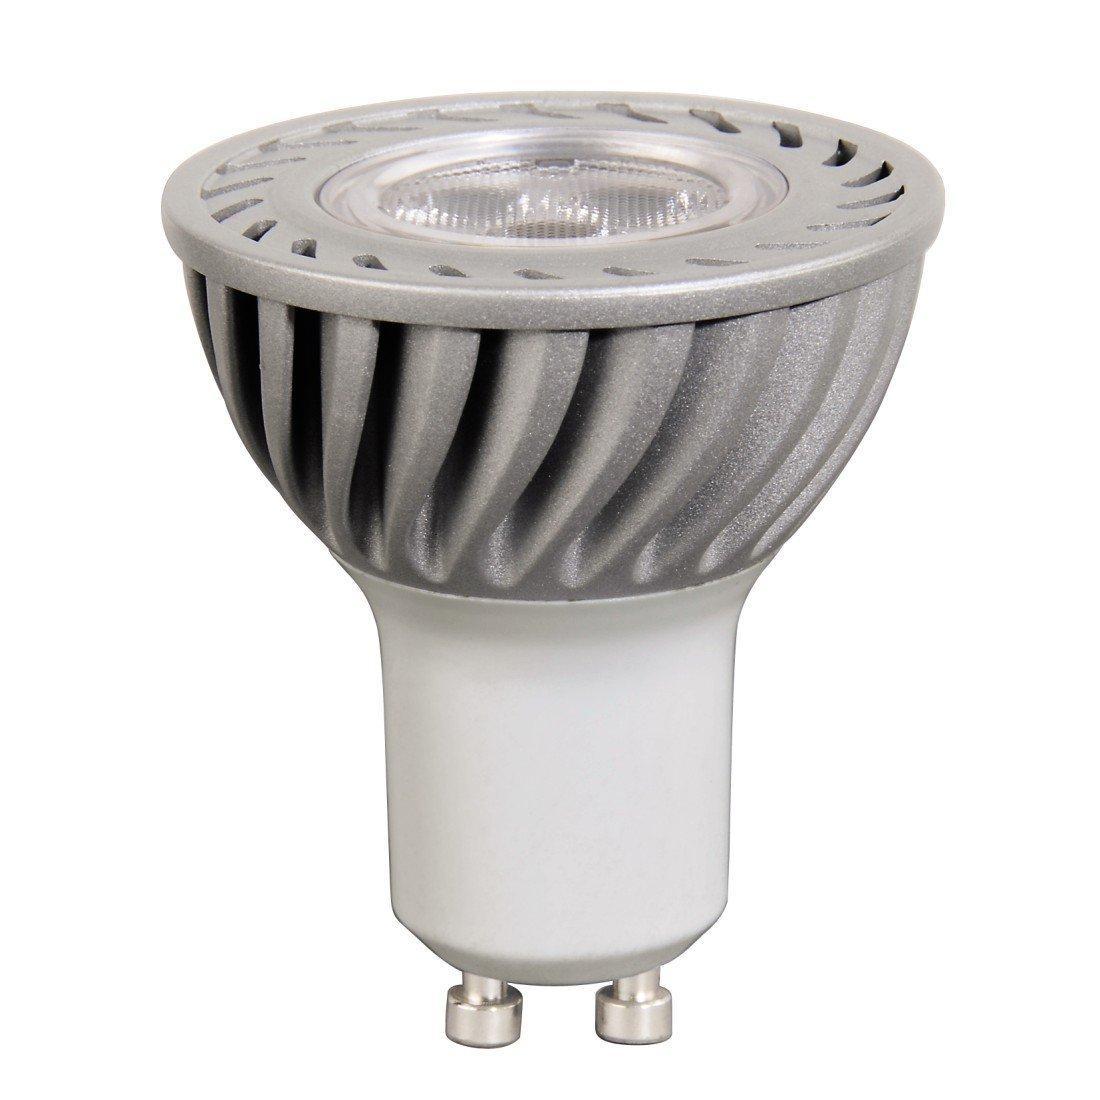 Xavax GU10 LED-Lampe (5.5 W, ersetzt 30W, 250 lm, Reflektorlampe ...